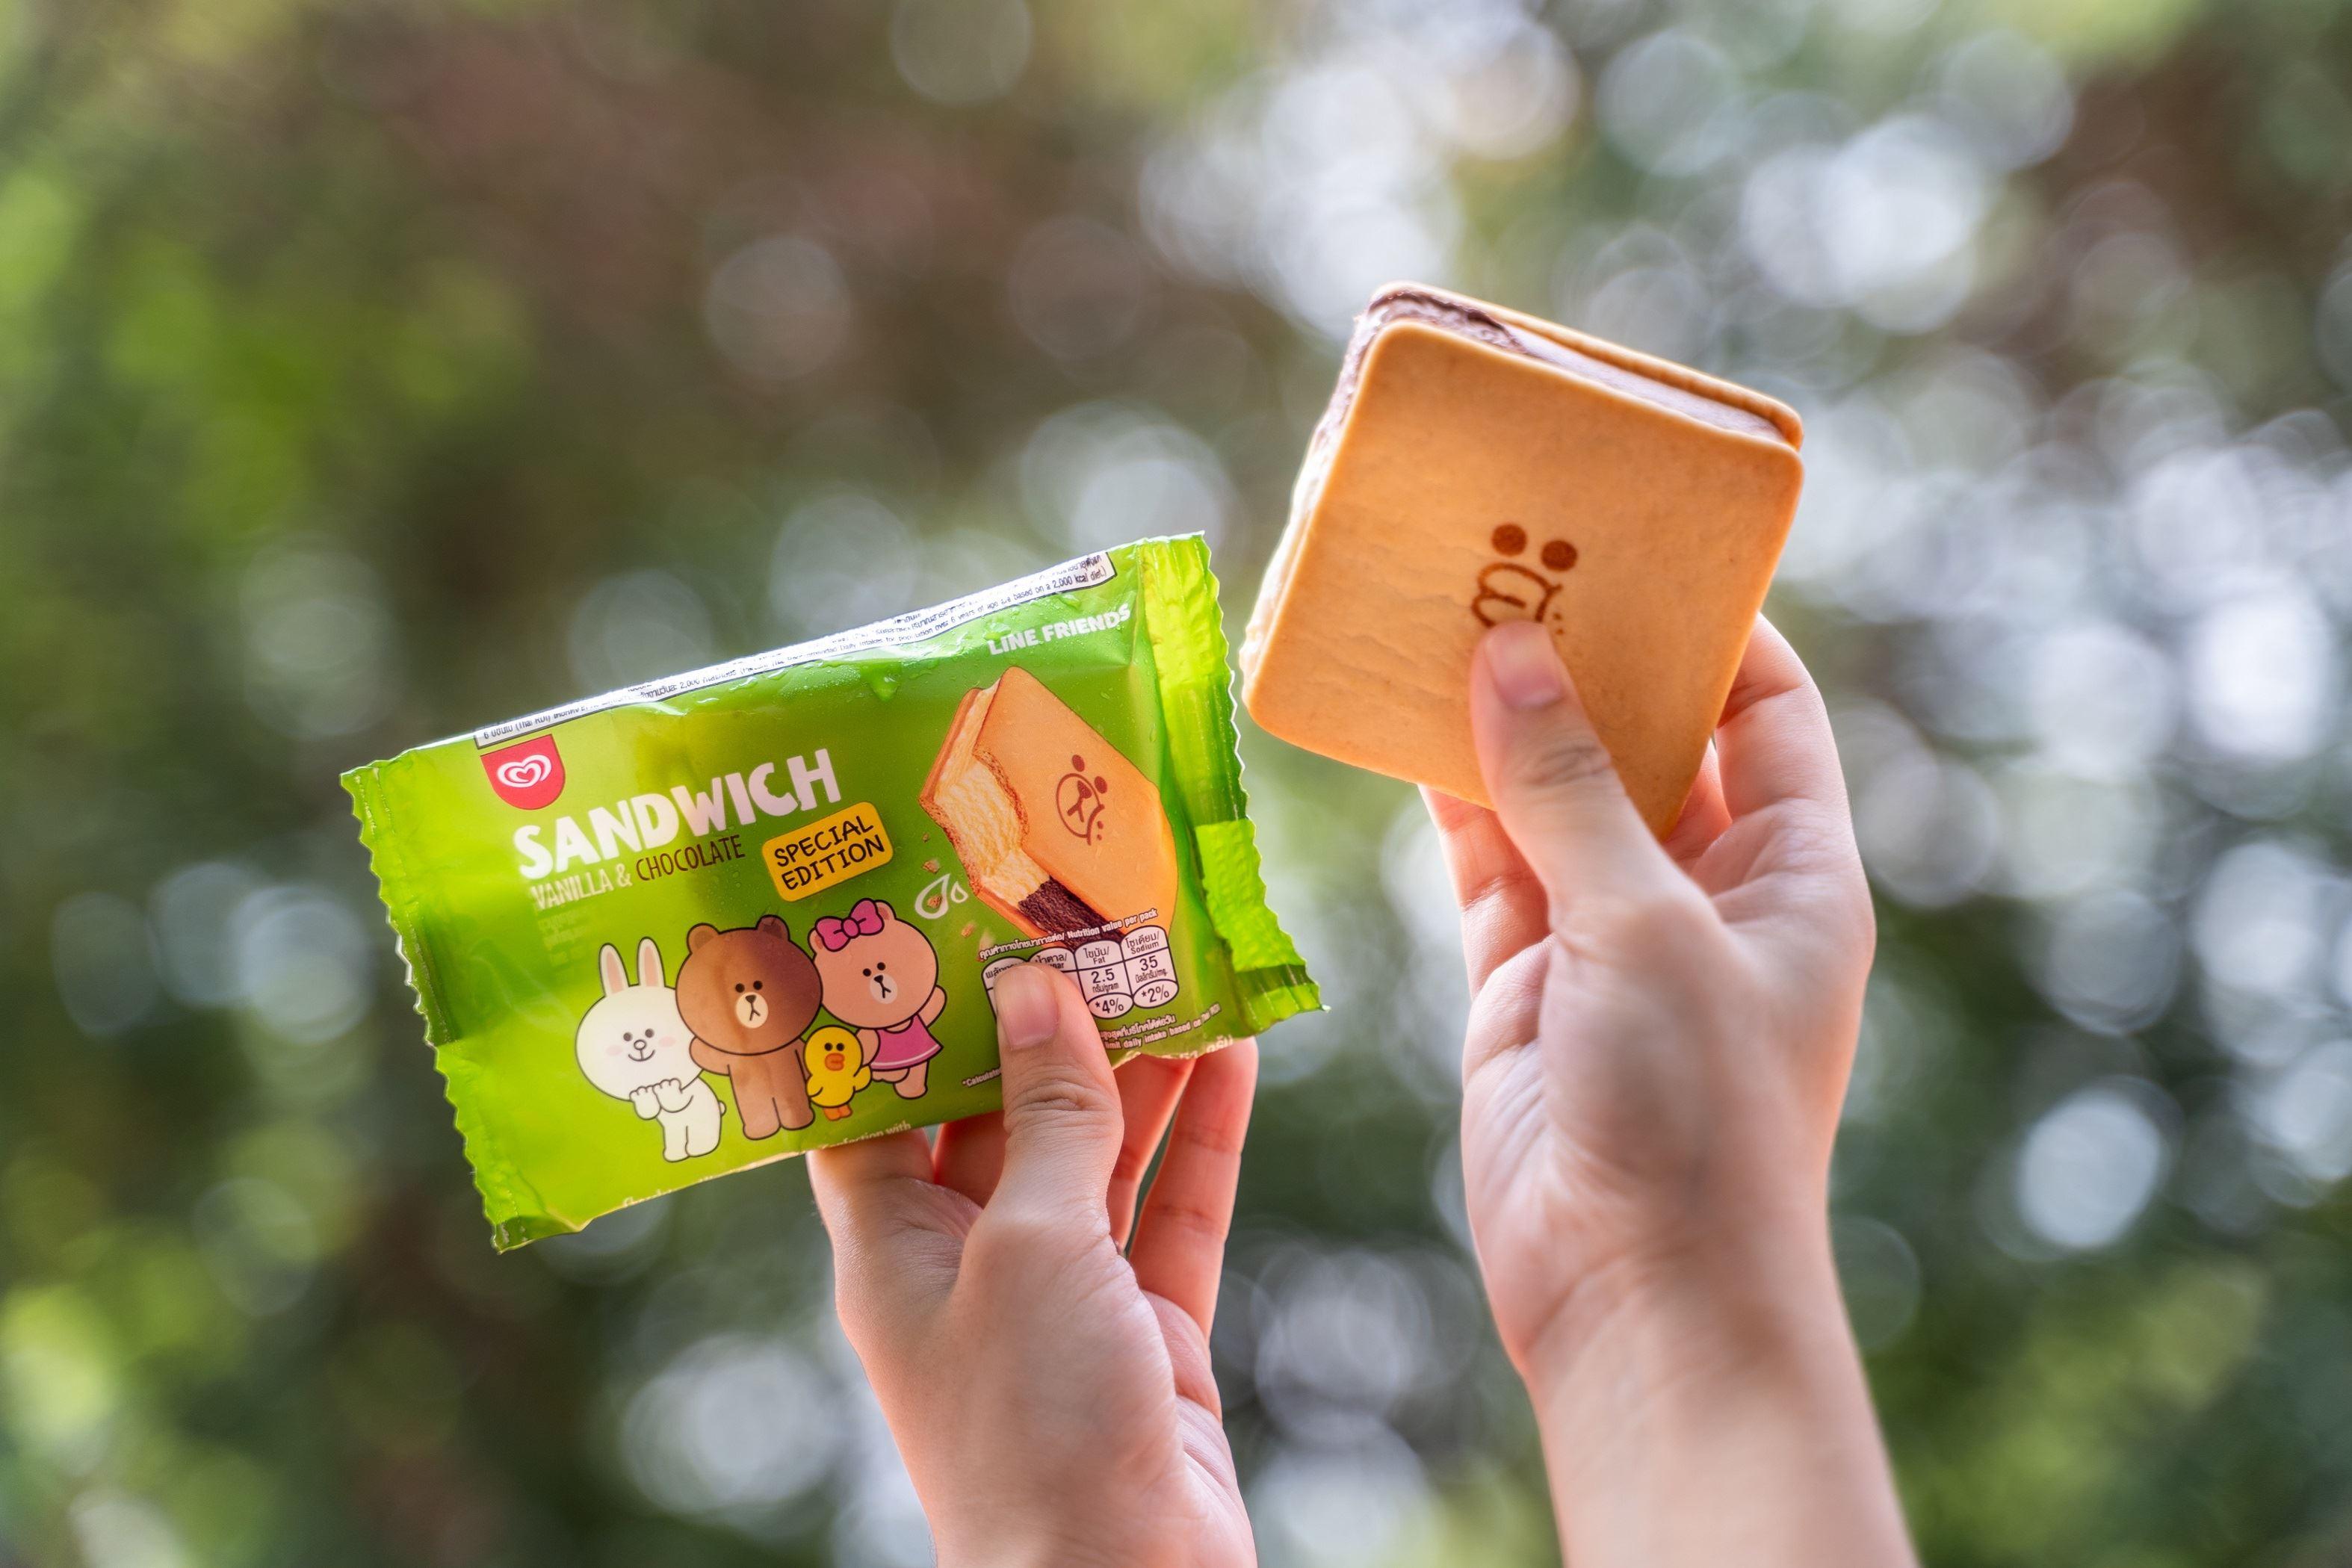 line friends与wall's malaysia推出全新特别版「三明治」冰淇淋,只需rm2!